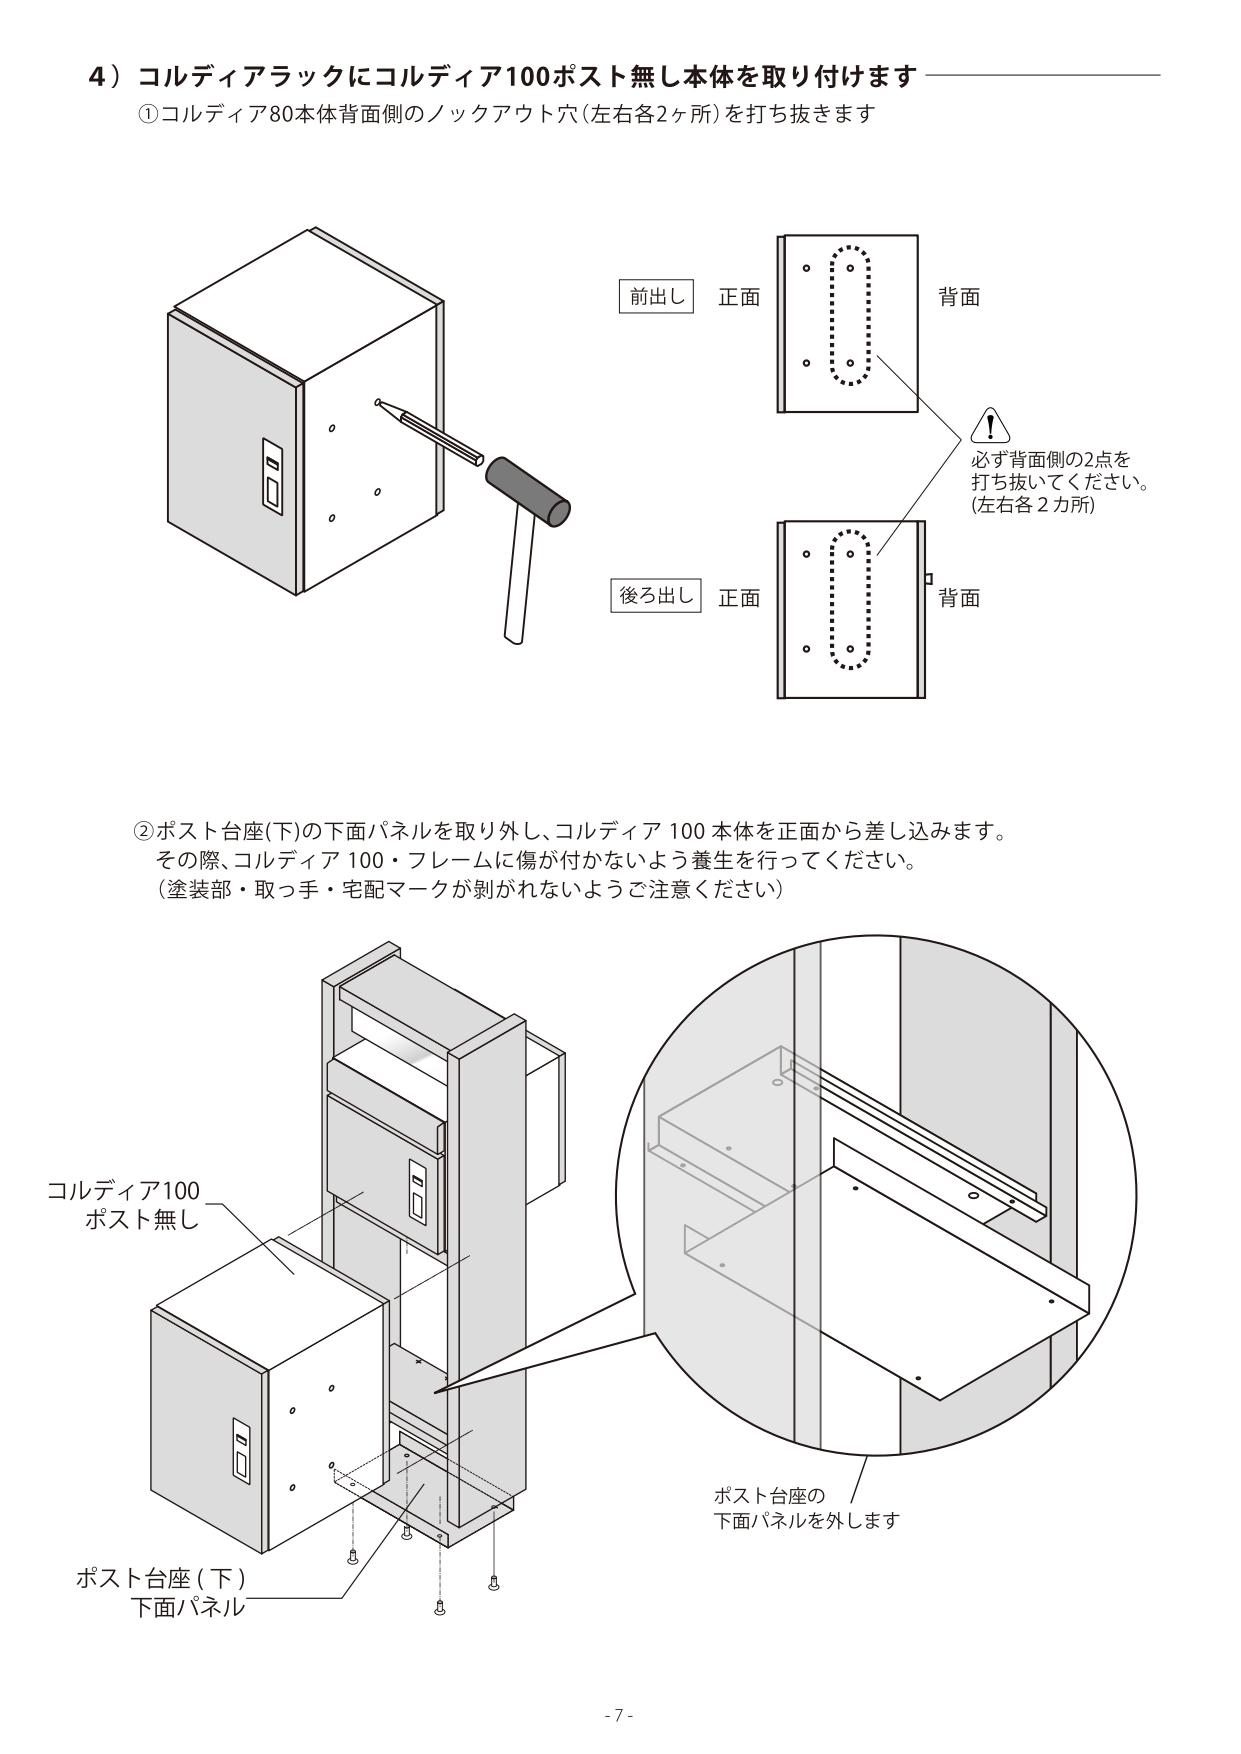 コルディアラックLS80+100_取扱説明書_page-0007